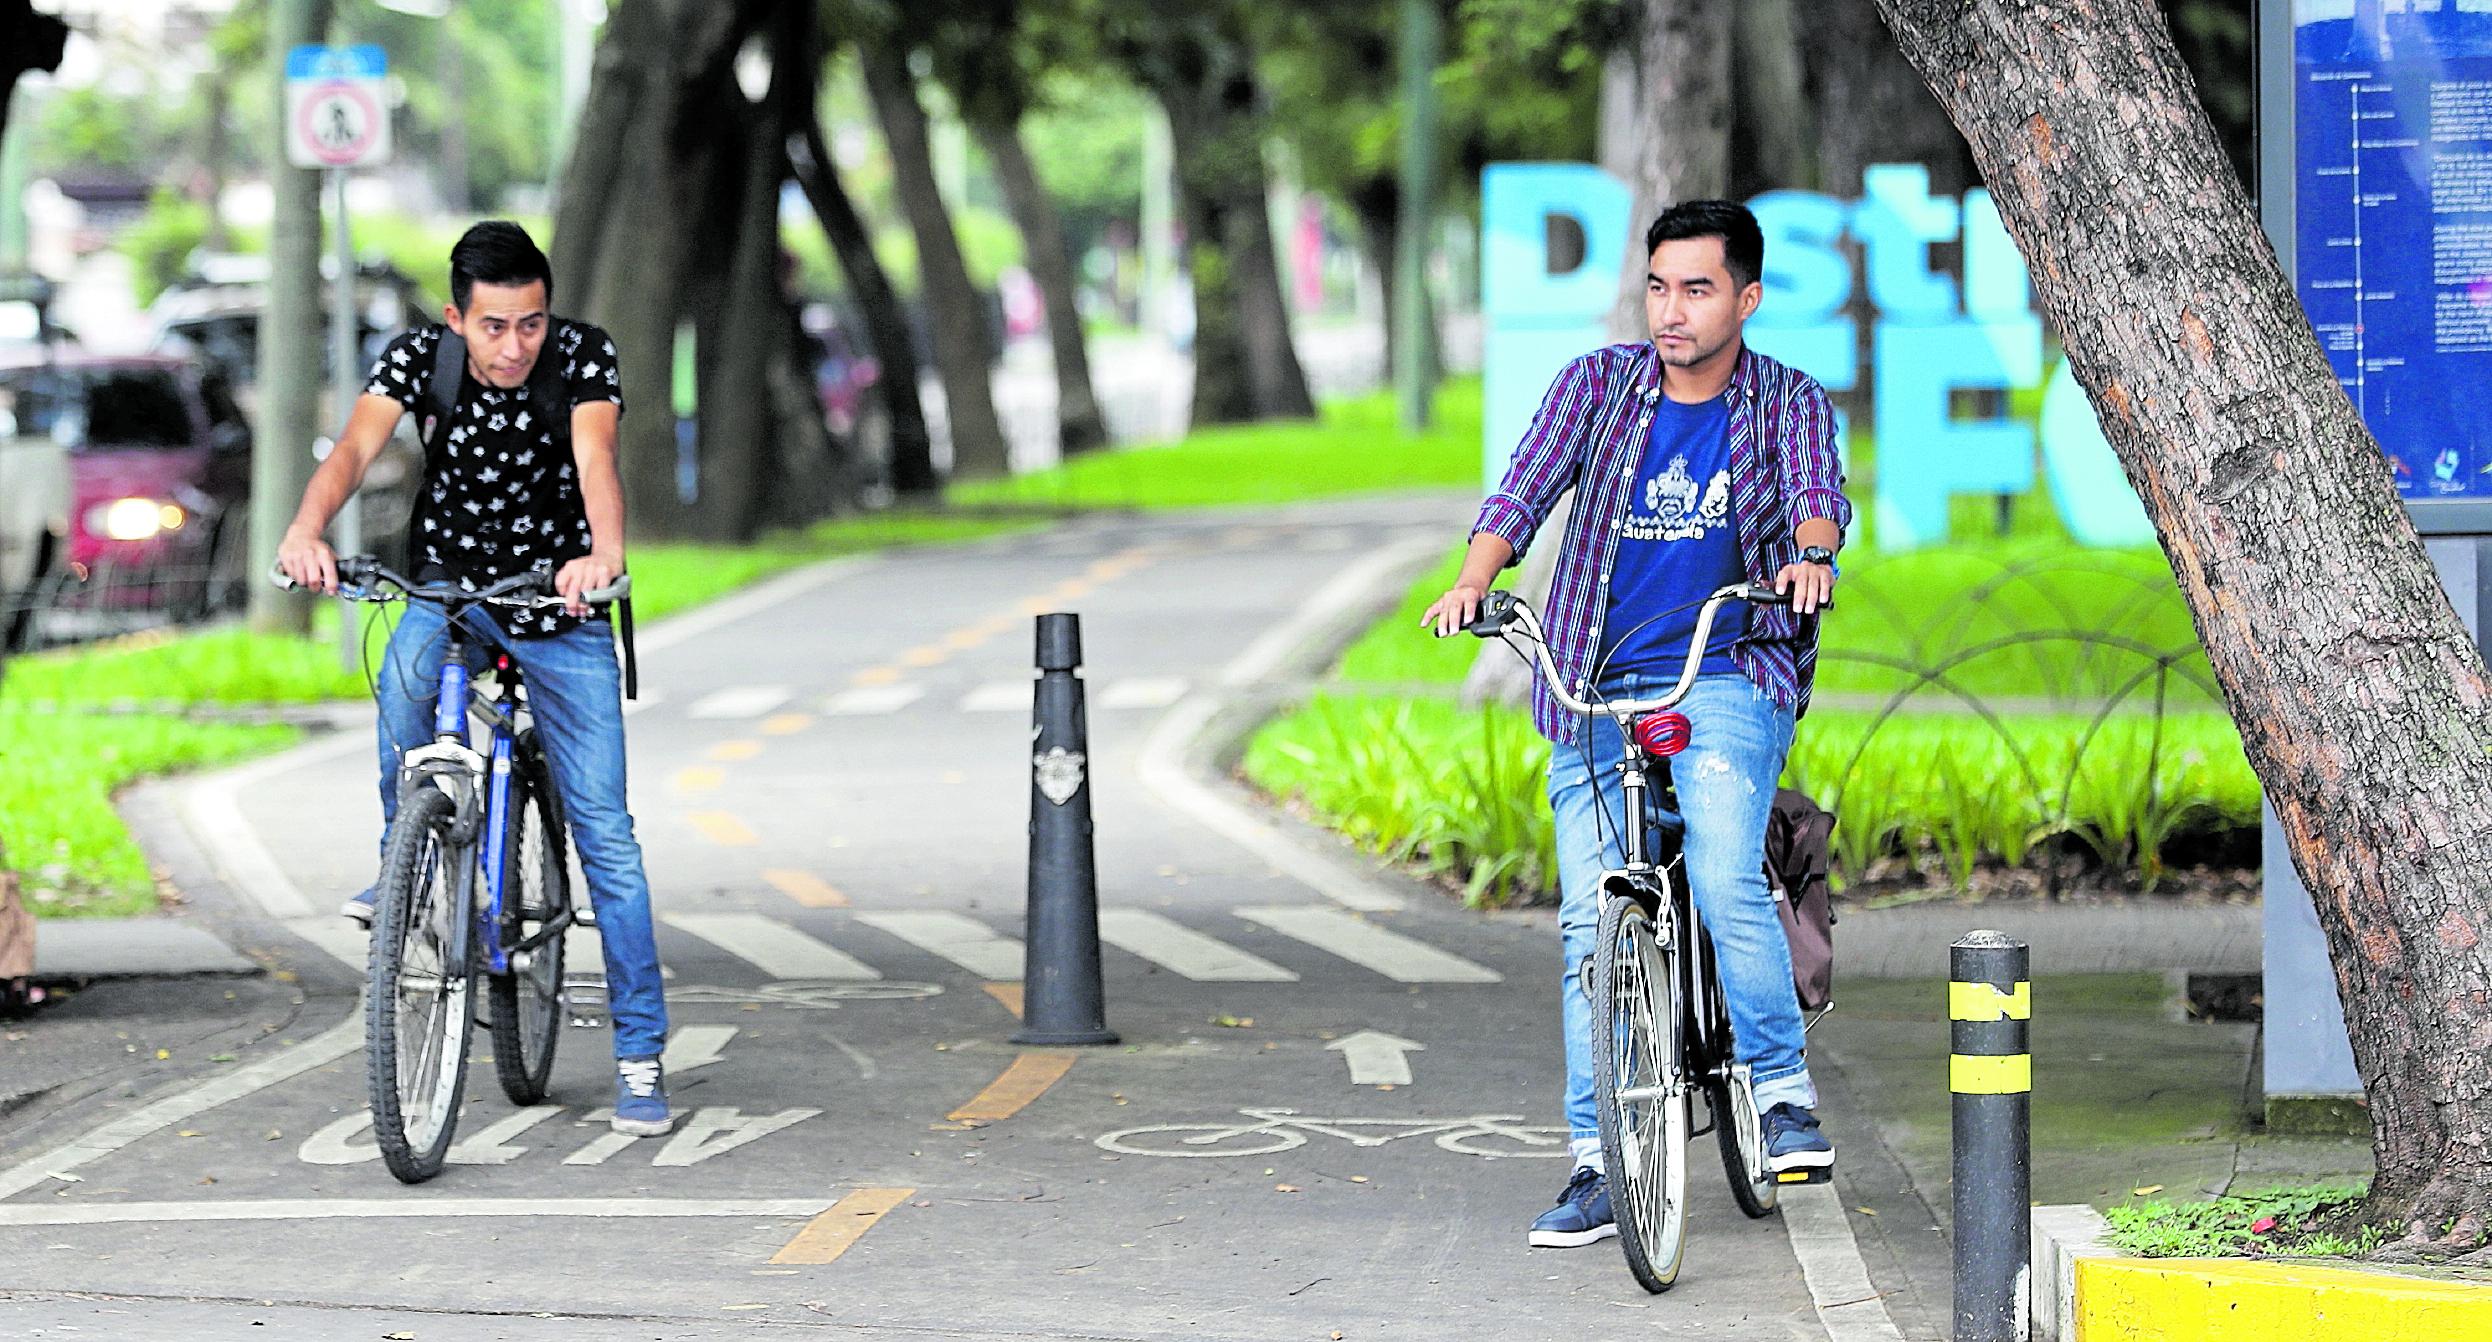 Ciclovía en la avenida  Reforma donde personas pueden pasear  sin ninguna riesgo ya que es exclusivo para viajar en bicicleta.  Fotografía Erick Avila                   20/10/2018